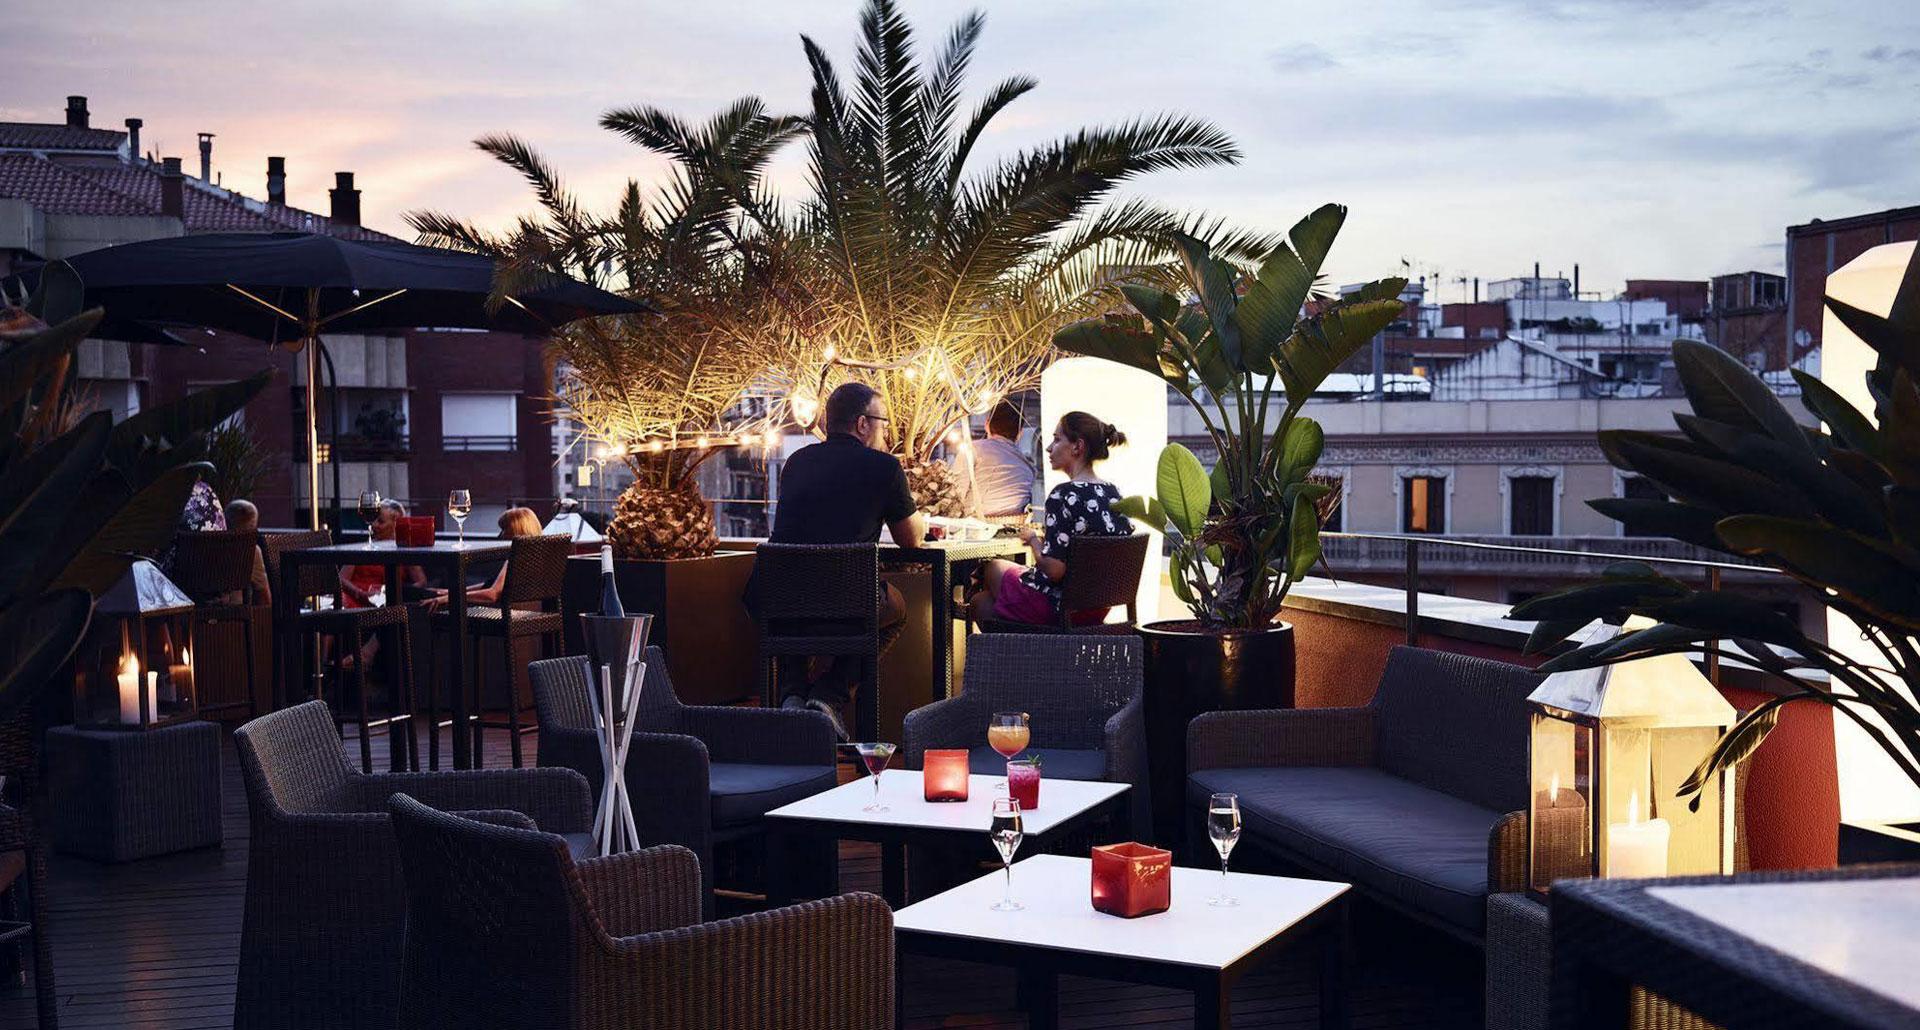 Hotel Villa Emilia Barcelona